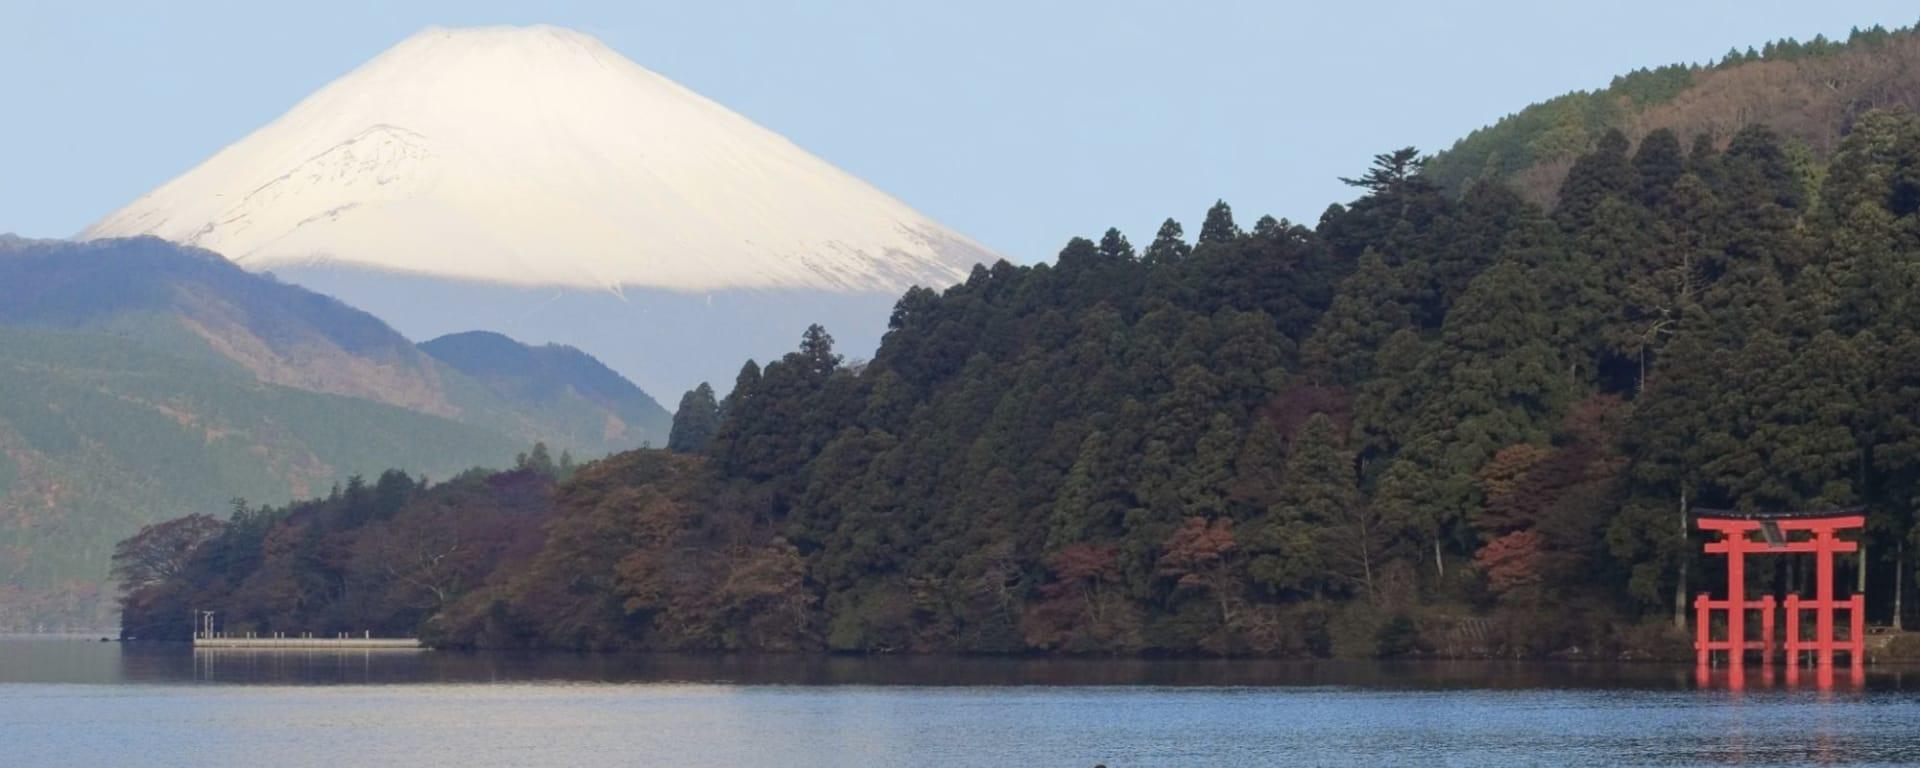 Le Japon classique de Tokyo: Mt. Fuji: with lake